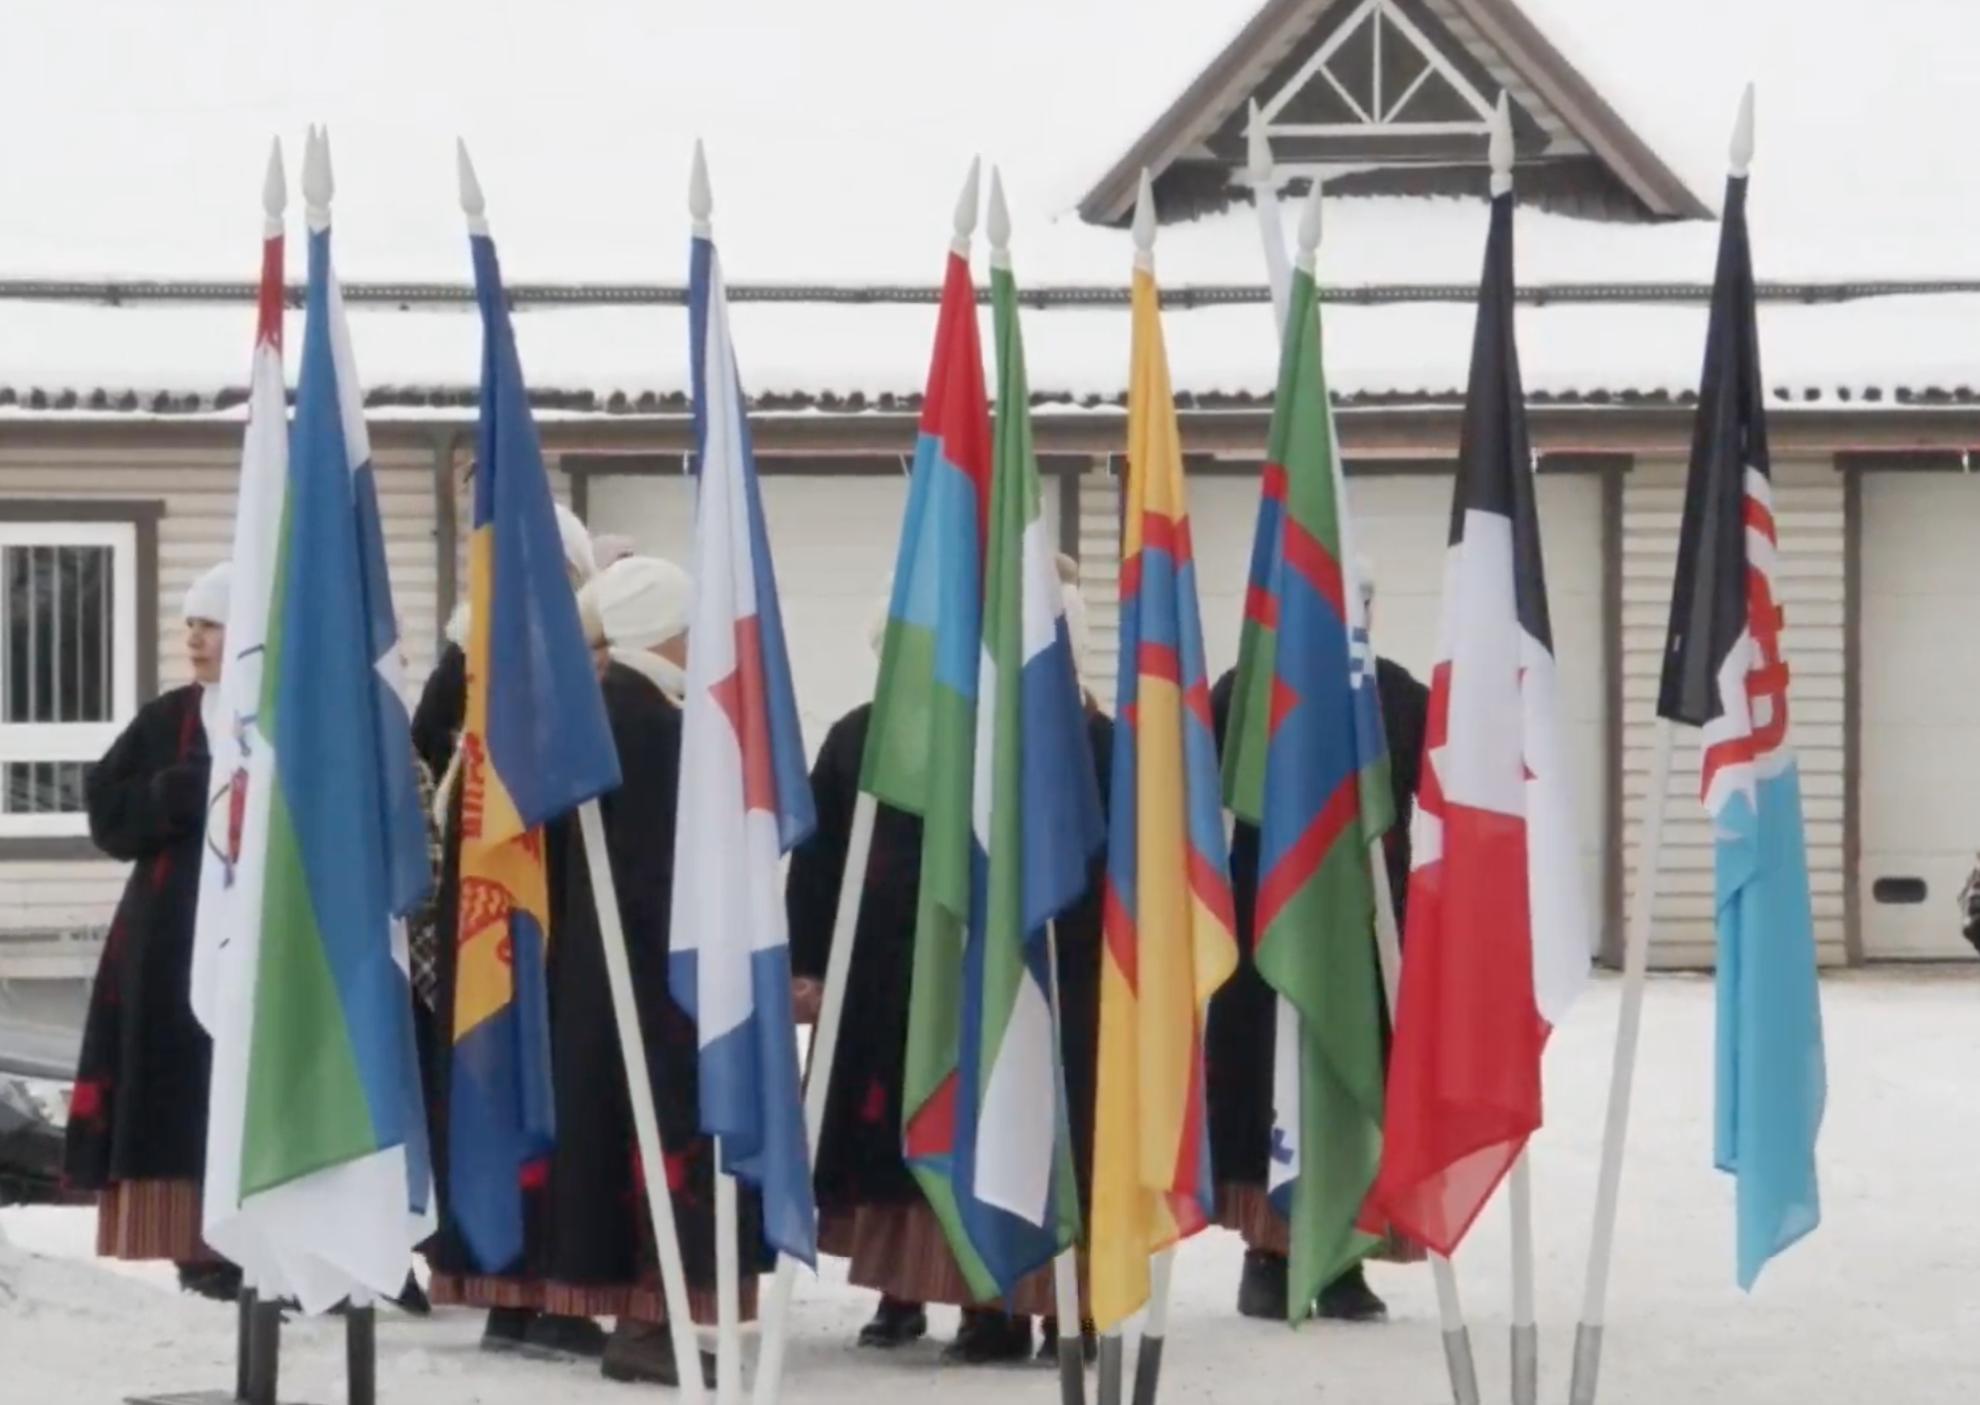 soome-ugri rahvaste lipud